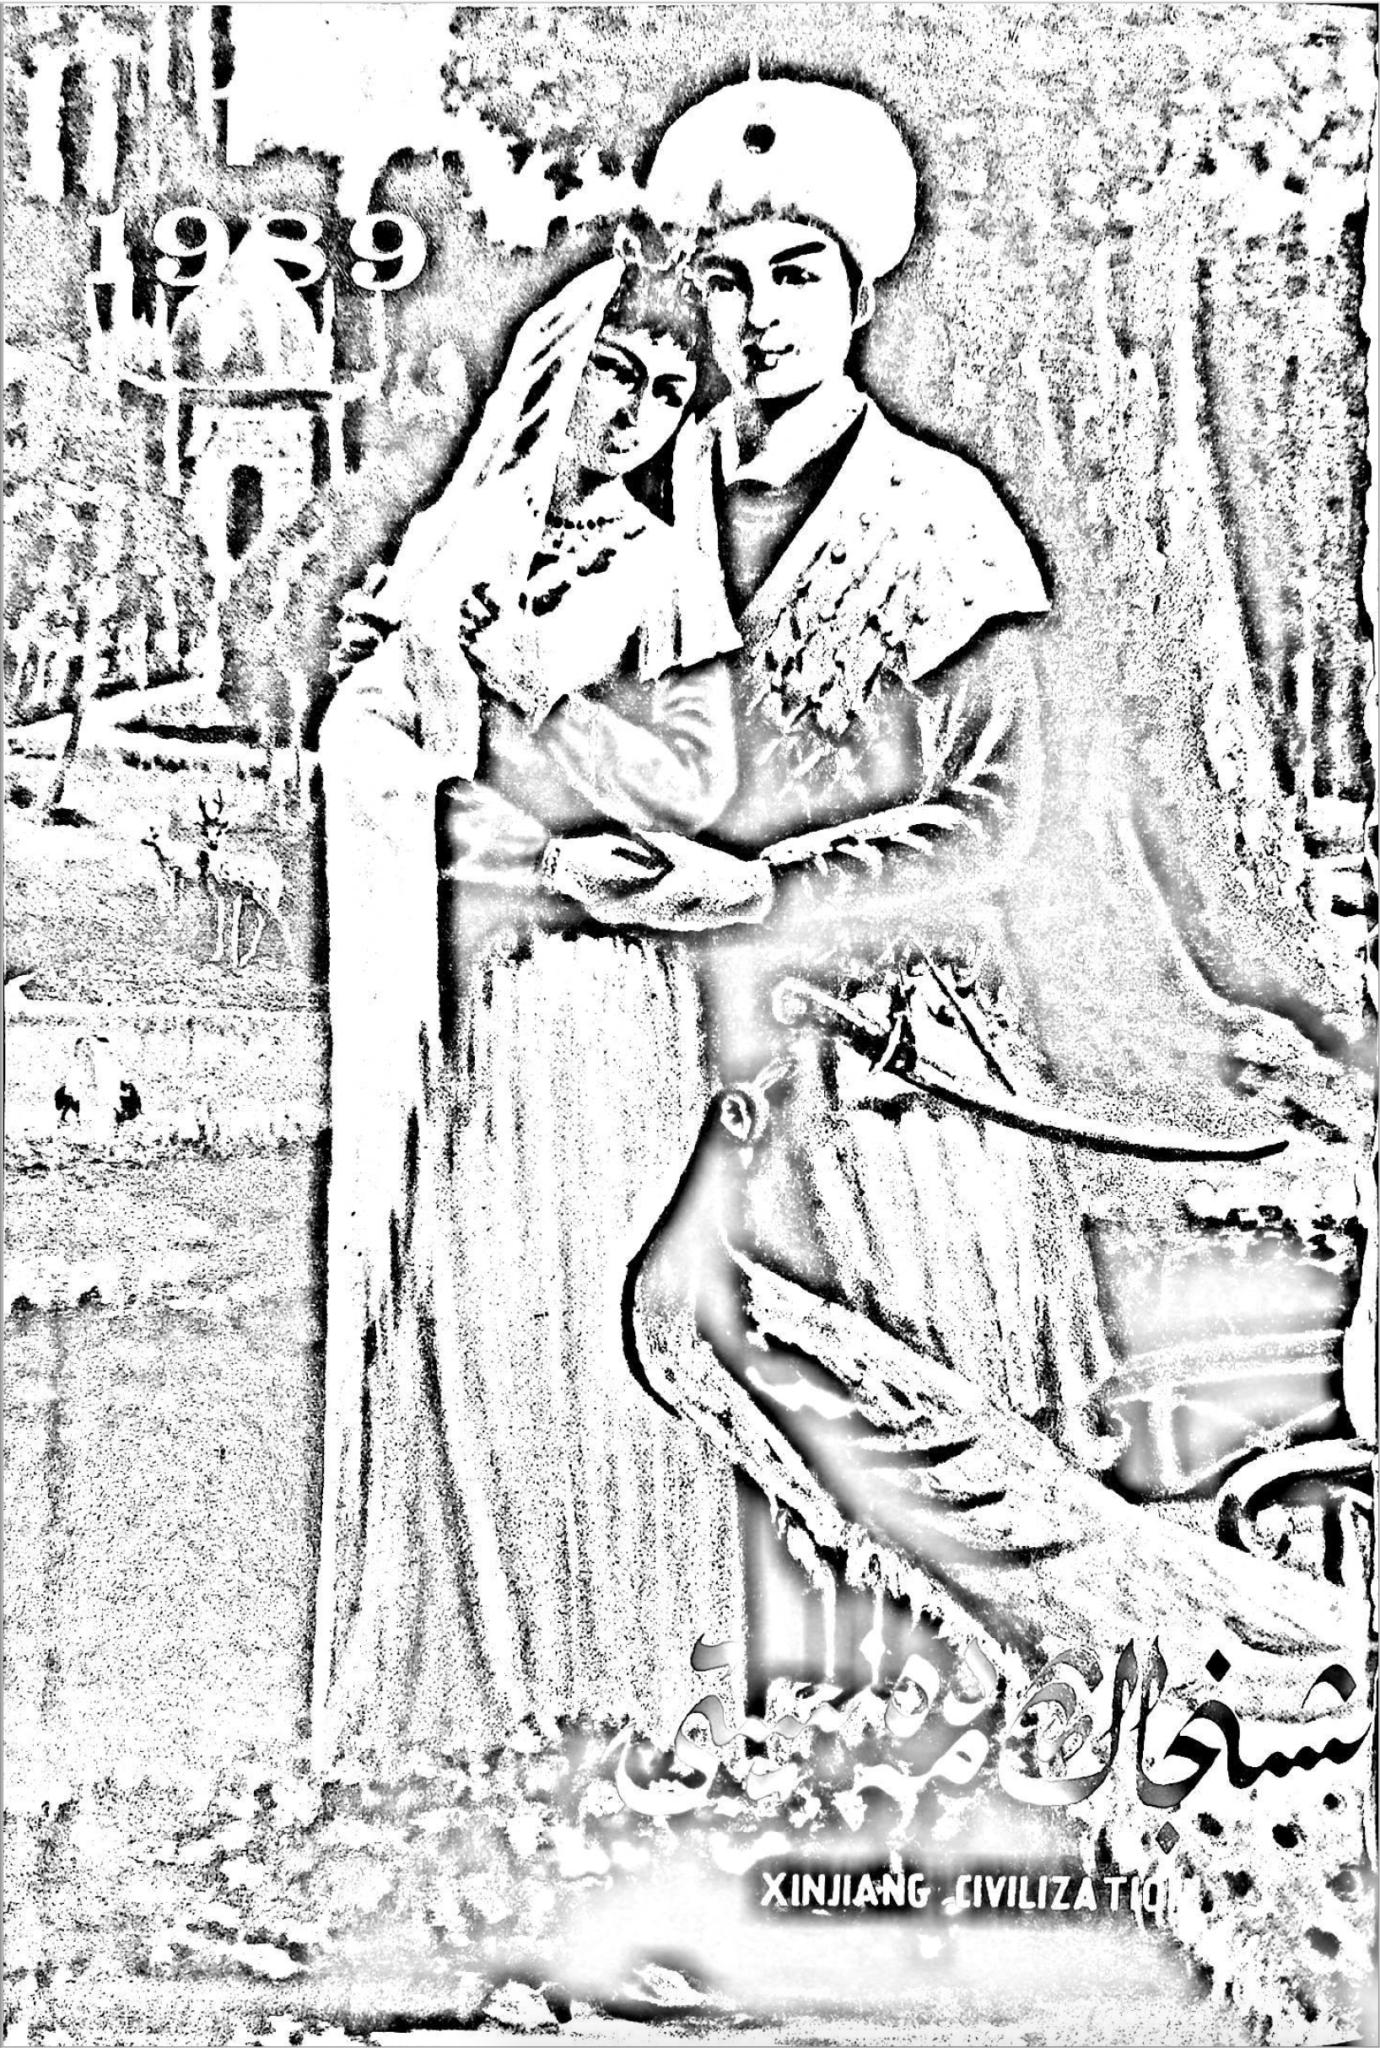 شىنجاڭ مەدەنىيىتى 1989-يىلى 1-سان, ئېلكىتاب تورى